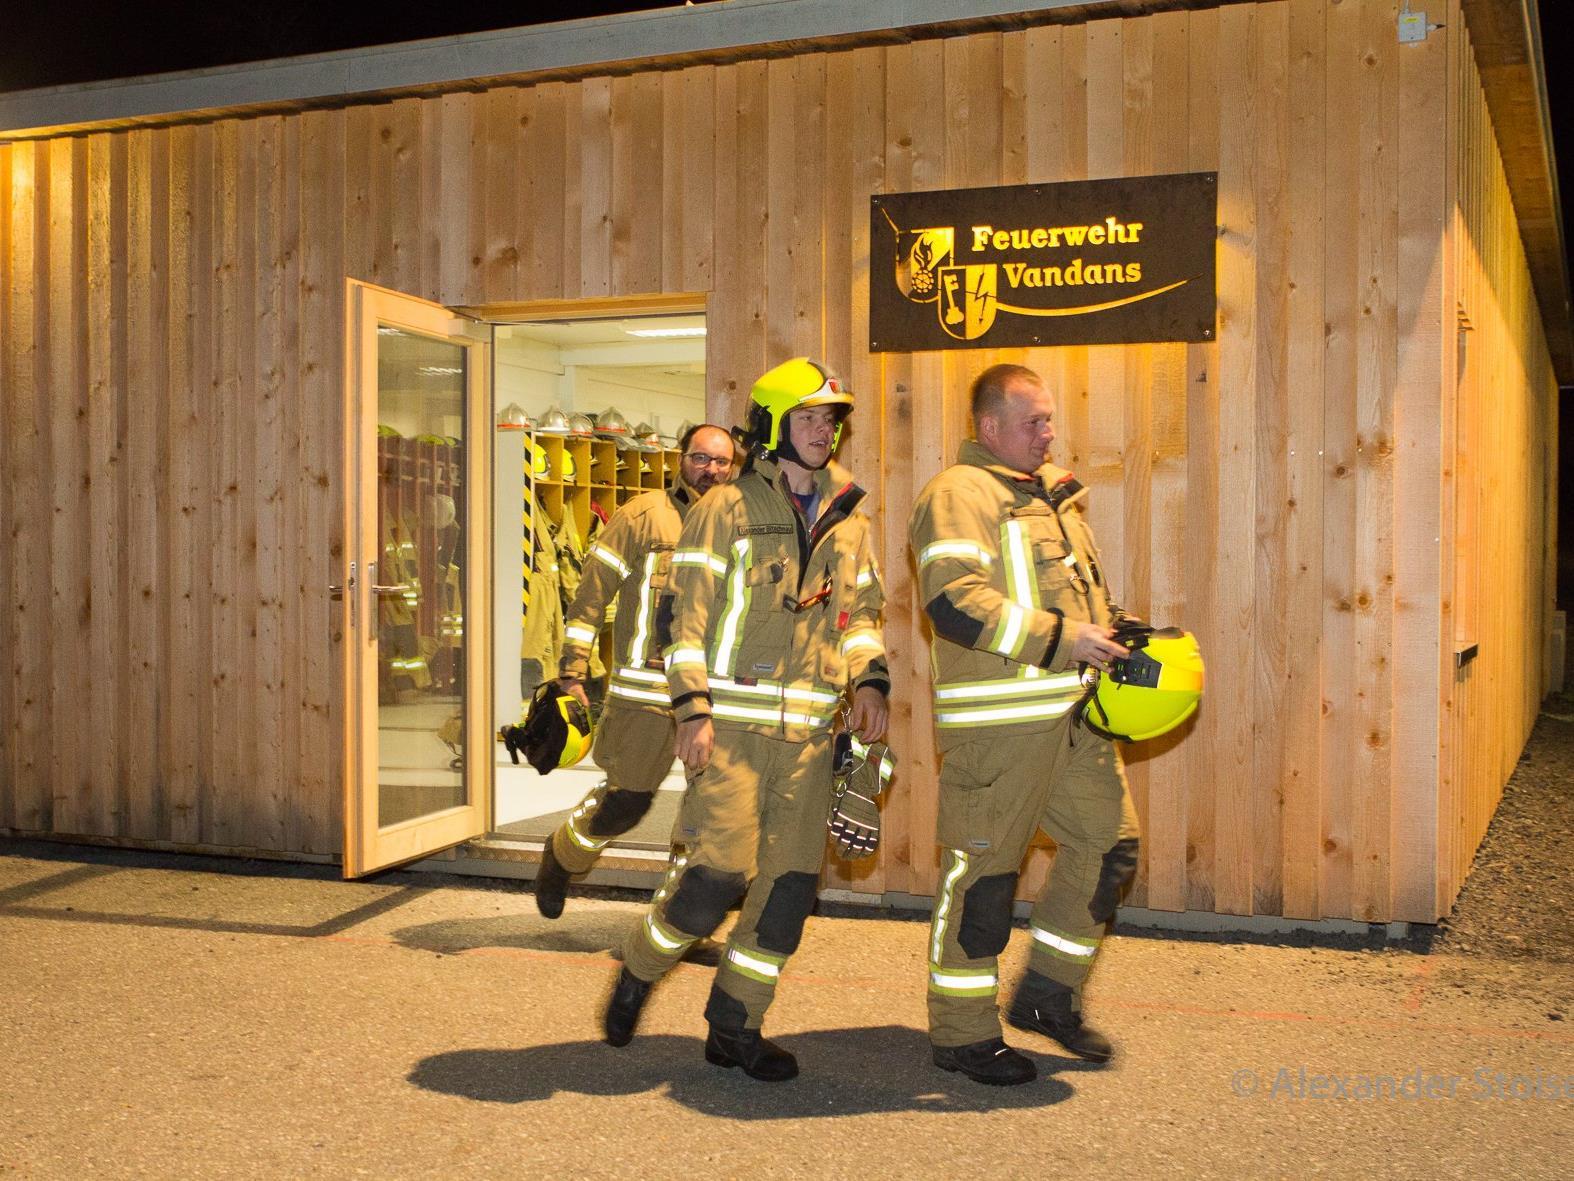 Für einen reibungslosen Einsatzbeginn sorgt der neue Mannschafftscontainer der Feuerwehr Vandans.